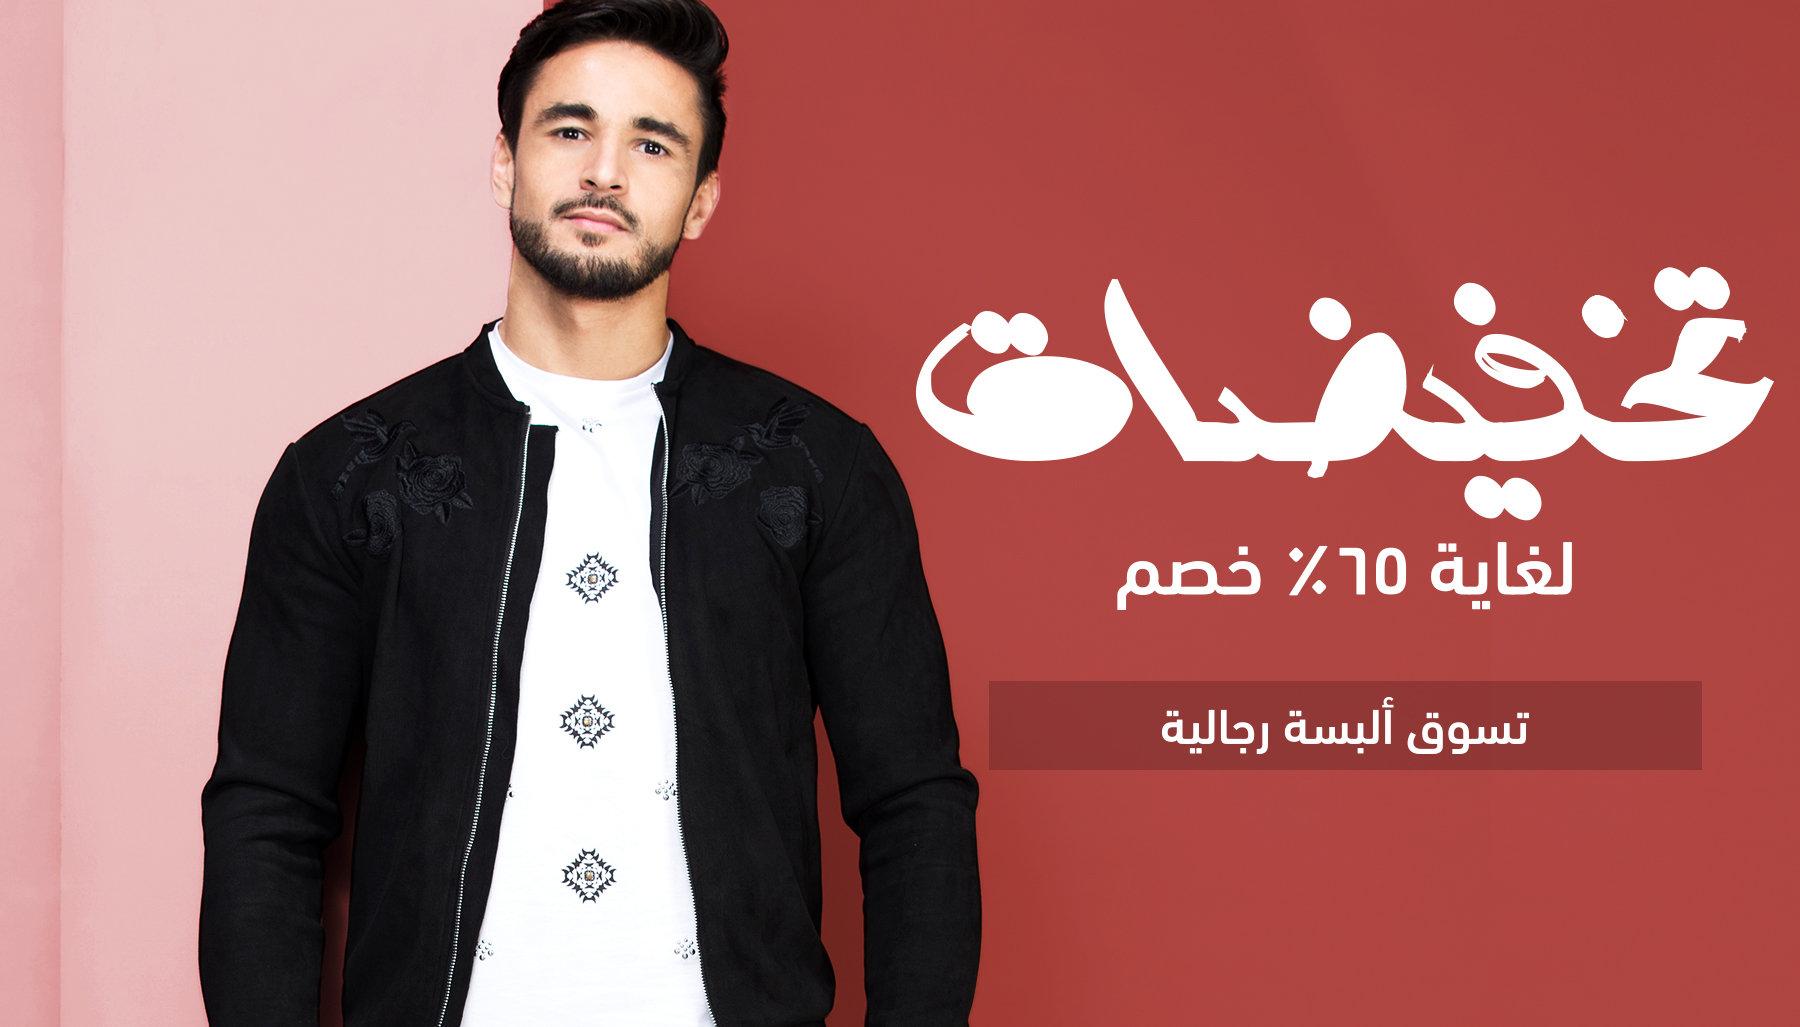 تسوق اون لاين السعودية ، تجربة الشراء من موقع بيسك Basicxx للملابس